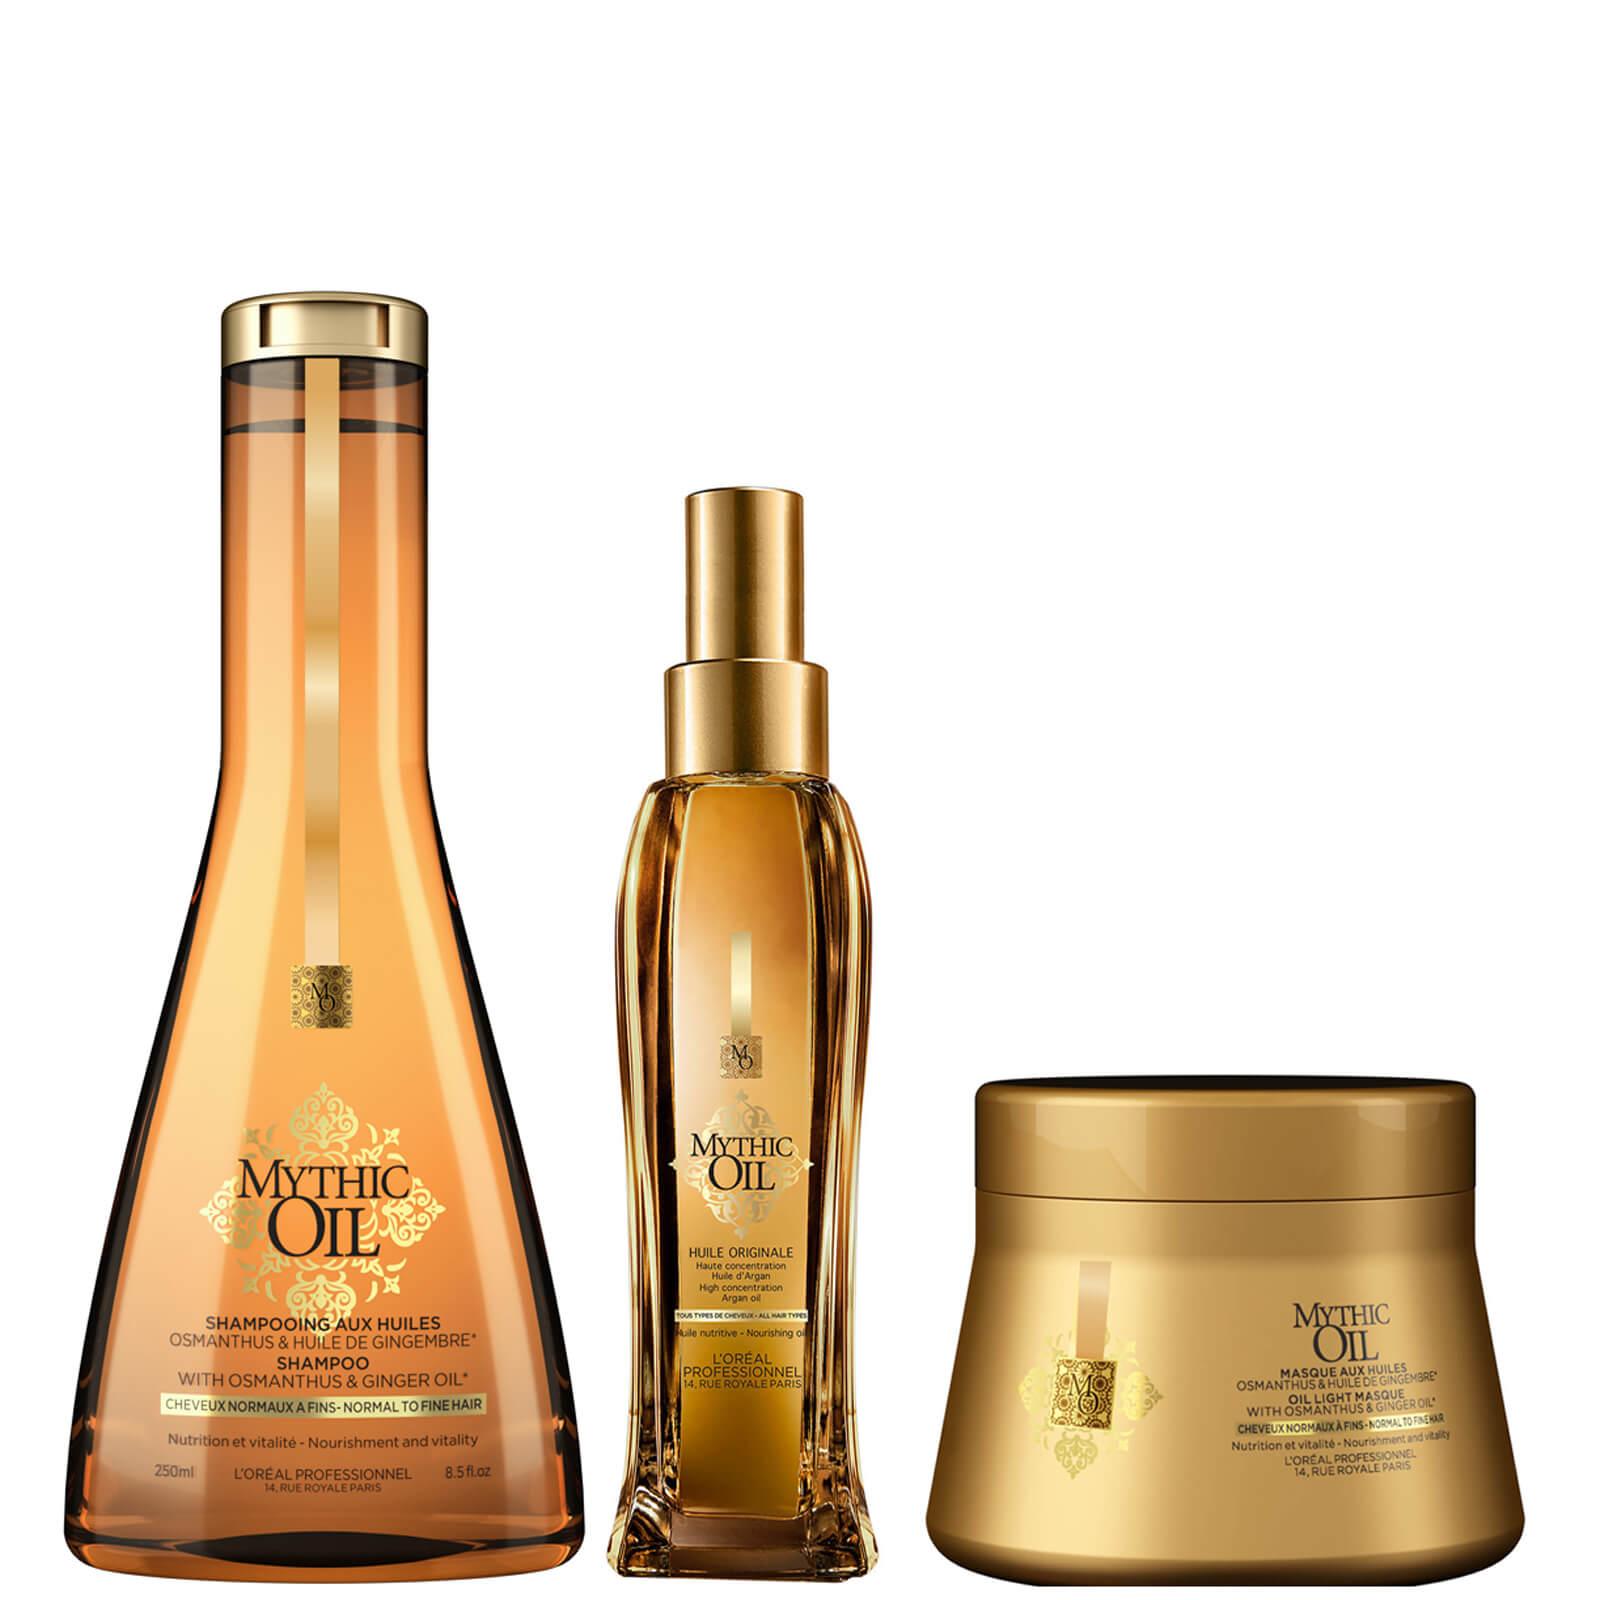 Trío de champú, mascarilla y aceite para cabellos normales/finos Mythic Oil de L'Oréal